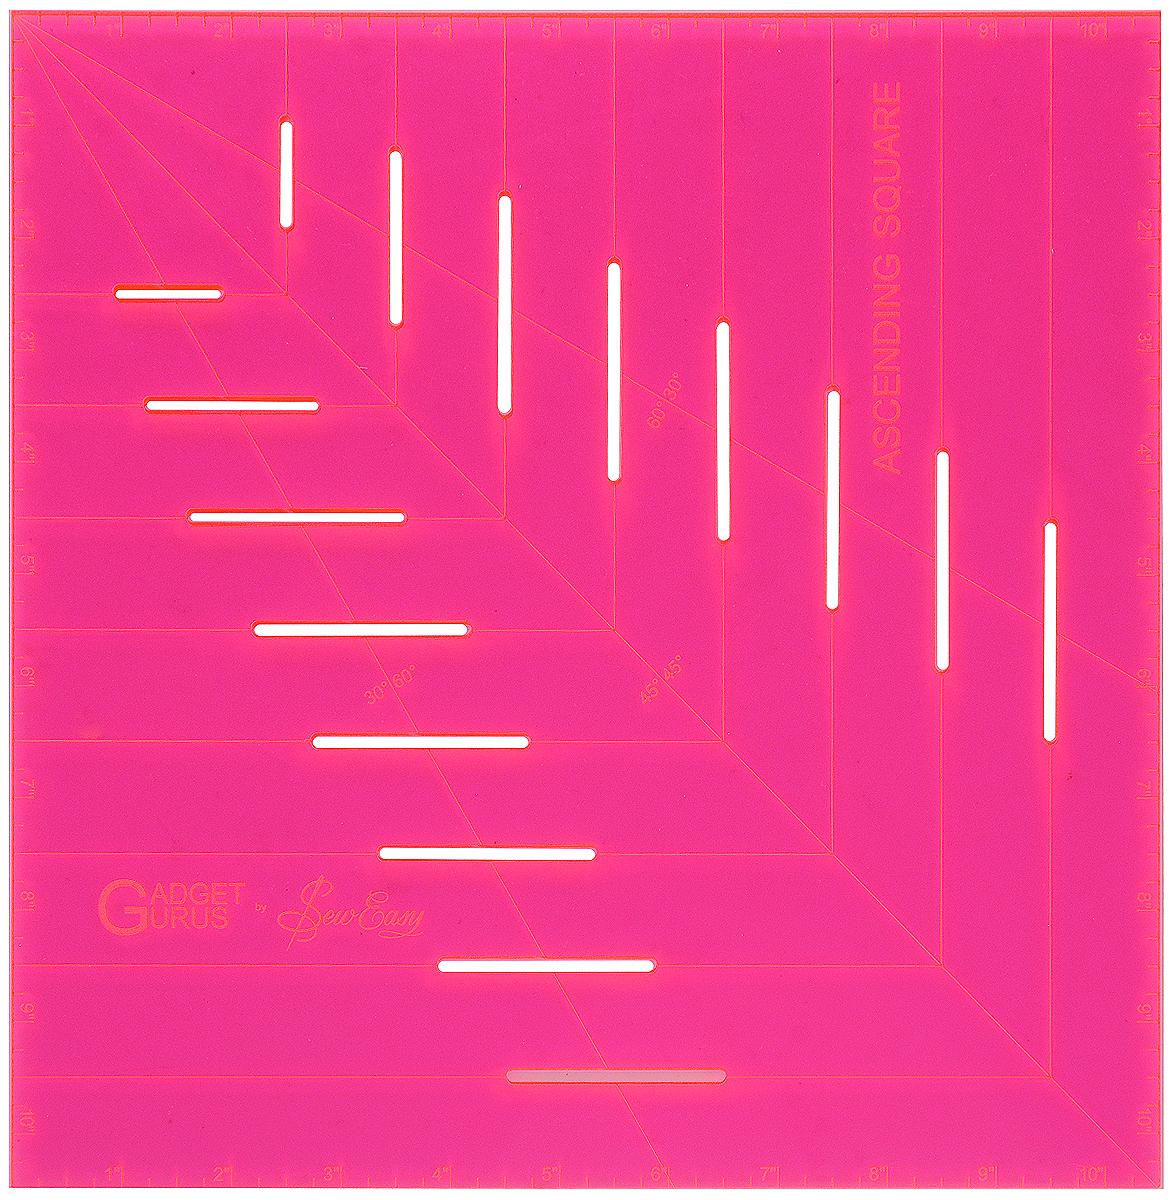 Лекало-квадрат Hemline, с восходящими прорезями, 25 х 25 см (10 х 10)ERGG10.PNKЛекало-квадрат Hemline выполнено из высококачественного акрила с восходящими прорезями. Подходит для изготовления квадратов разных размеров (до 10 дюймов). С помощью этой линейки можно создавать разнообразные элементы, из которых можно делать блоки, используемые в пэчворке, полоски ткани для создания виноградной лозы, стеблей и кельтских узоров. Лекало идеально подходит для создания треугольников 30°, 45° и 60° и вырезания ровных полосок из ткани. В комплект входит инструкция на русском языке. Размер: 25 x 25 см (10 x 10)